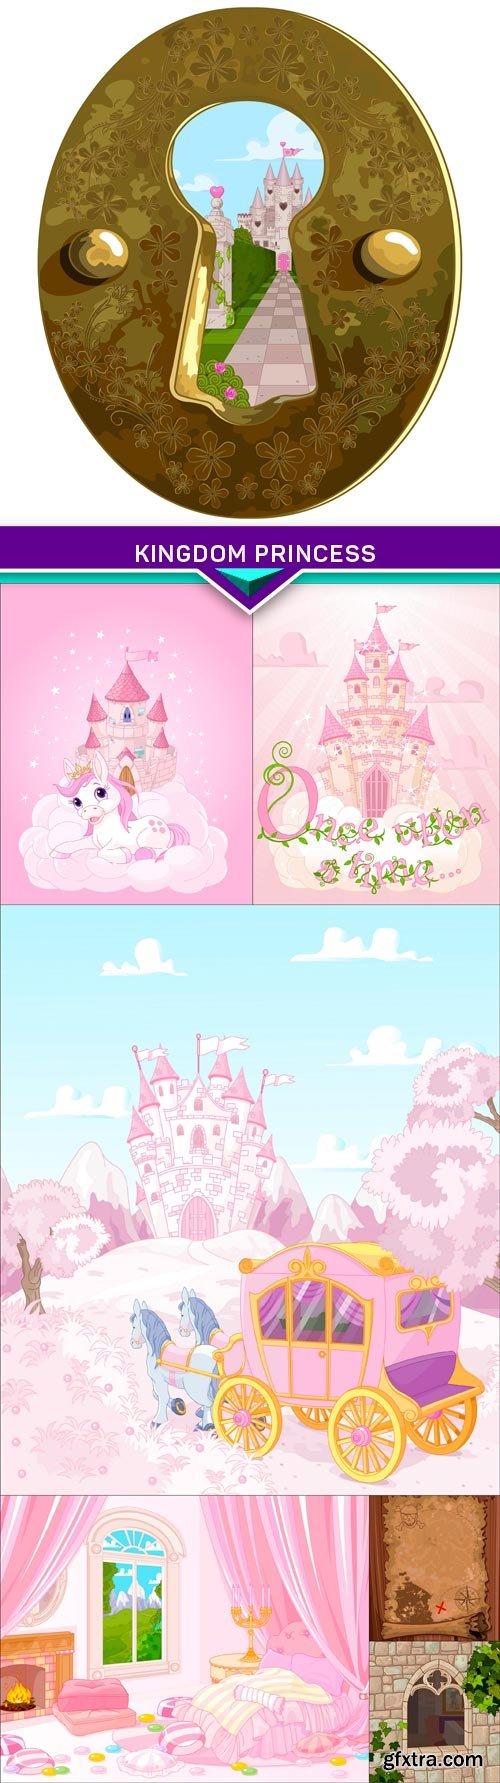 Kingdom Princess 7X JPEG